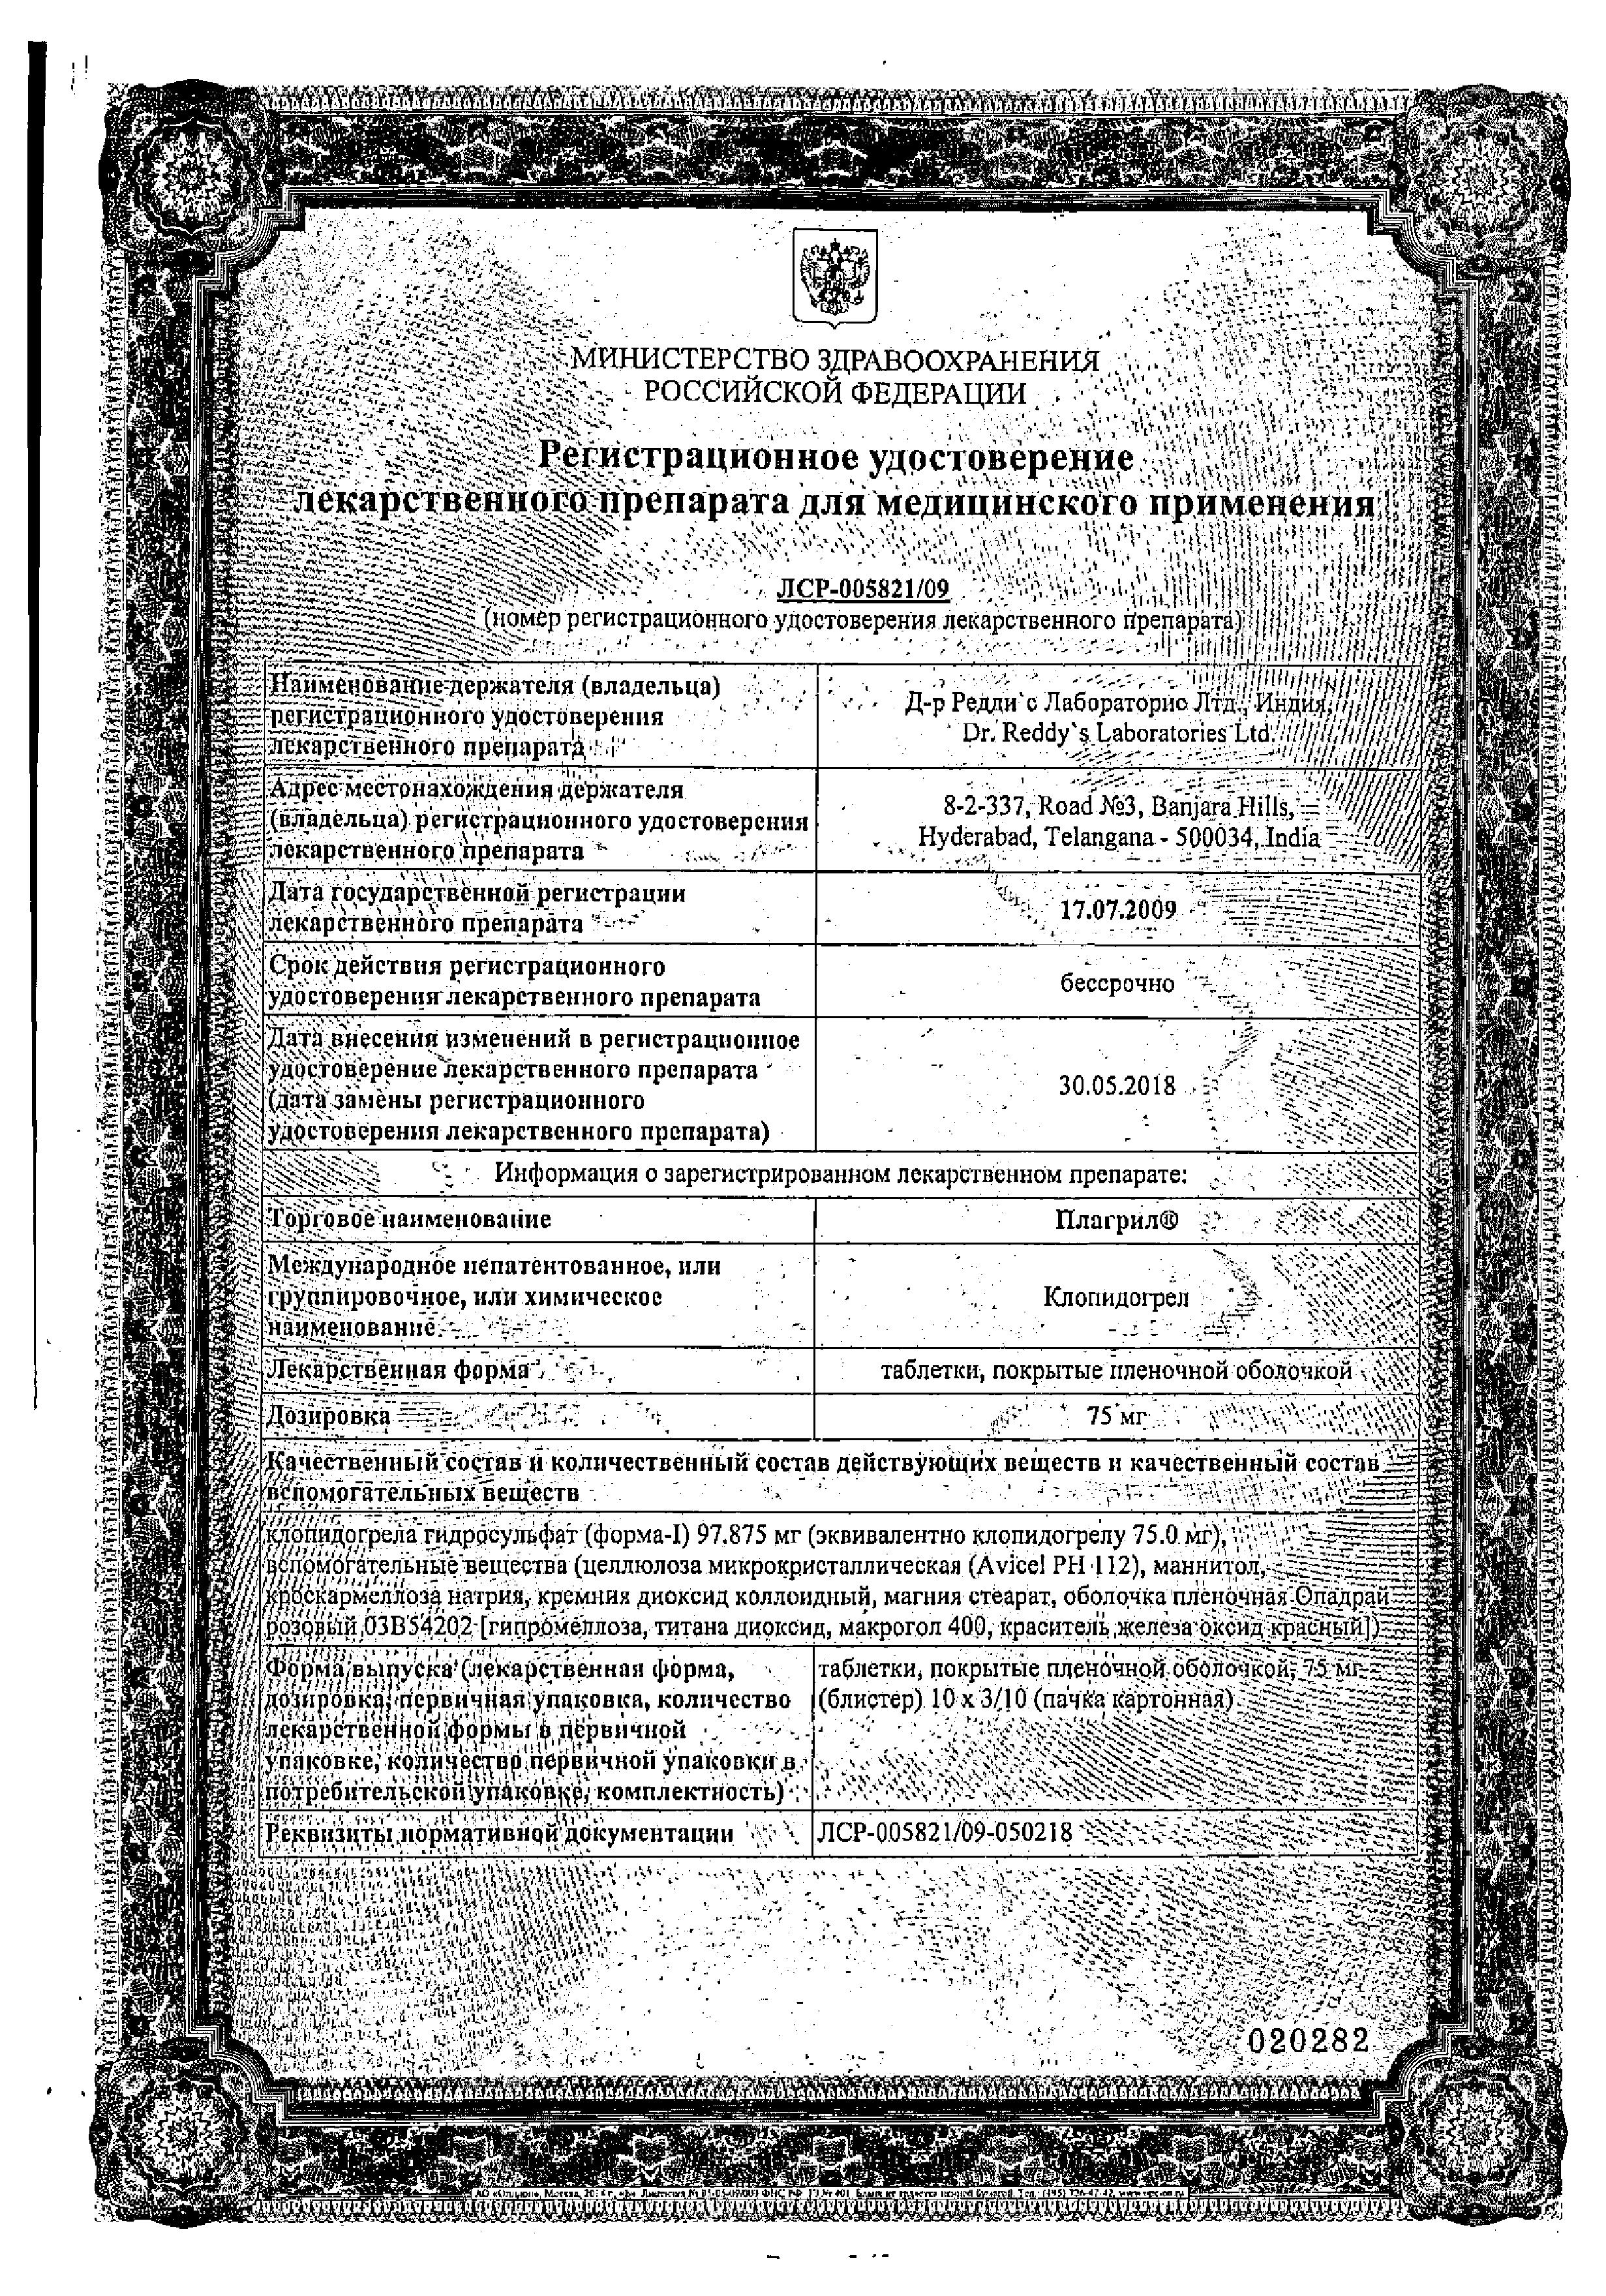 Плагрил сертификат